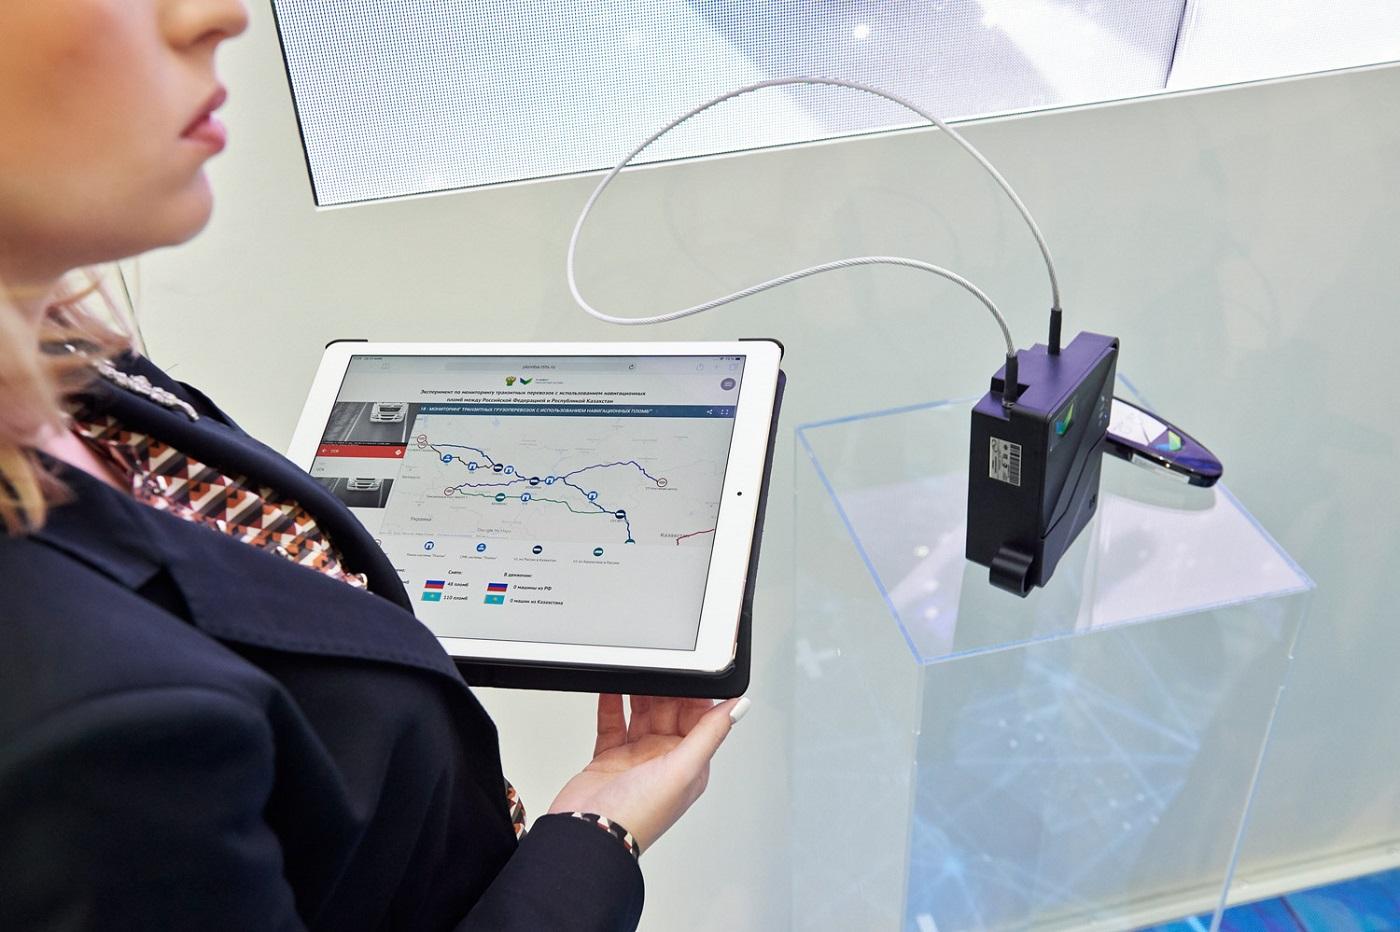 В Беларуси разработан национальный сегмент единой системы ЕАЭС по использованию электронных пломб